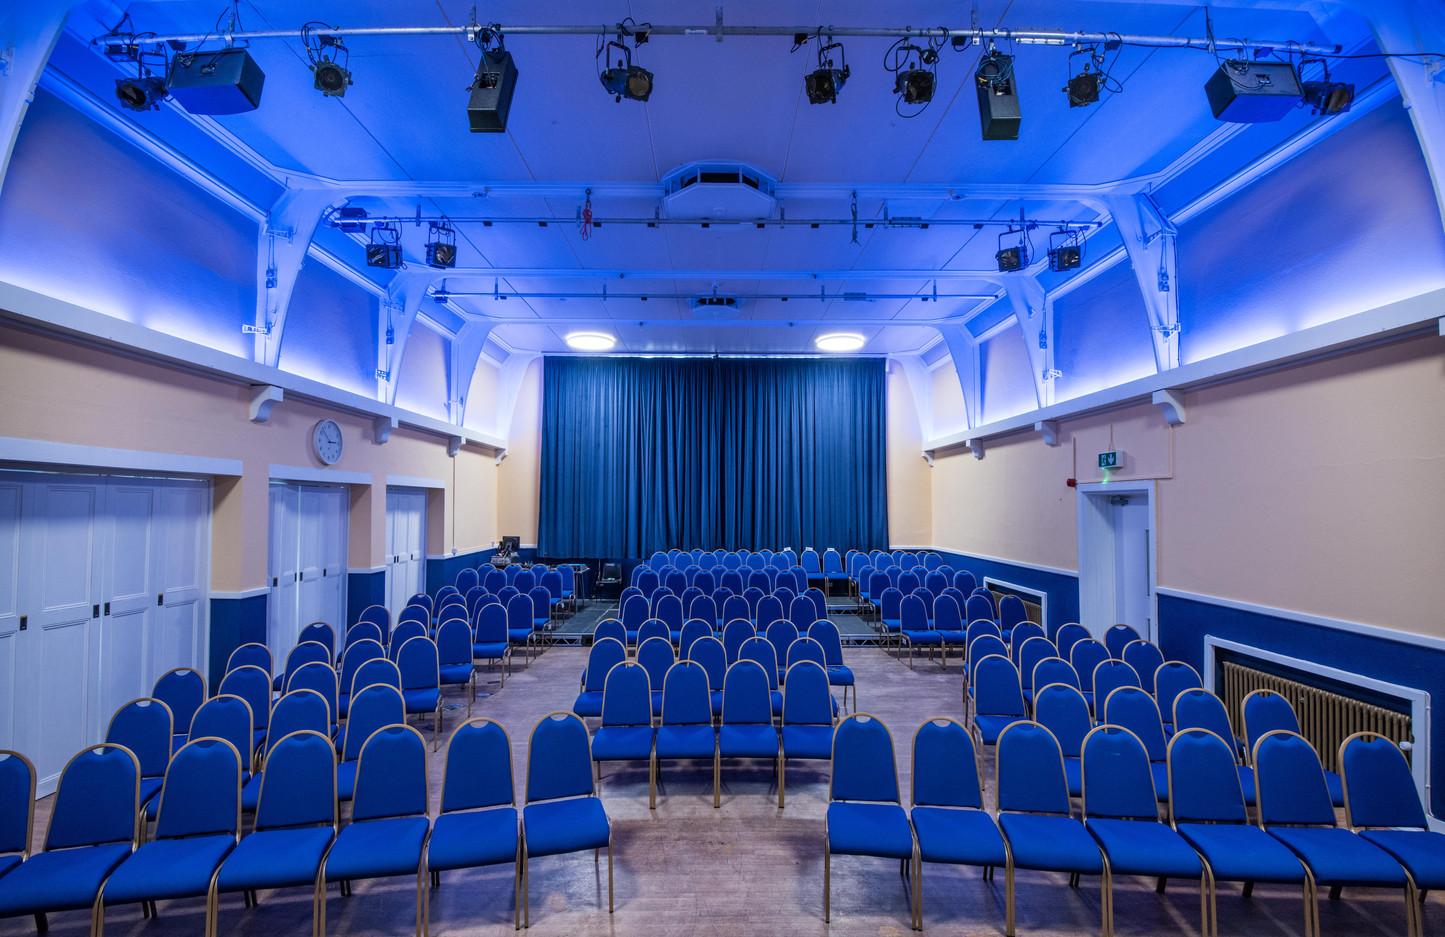 Theatre Halll